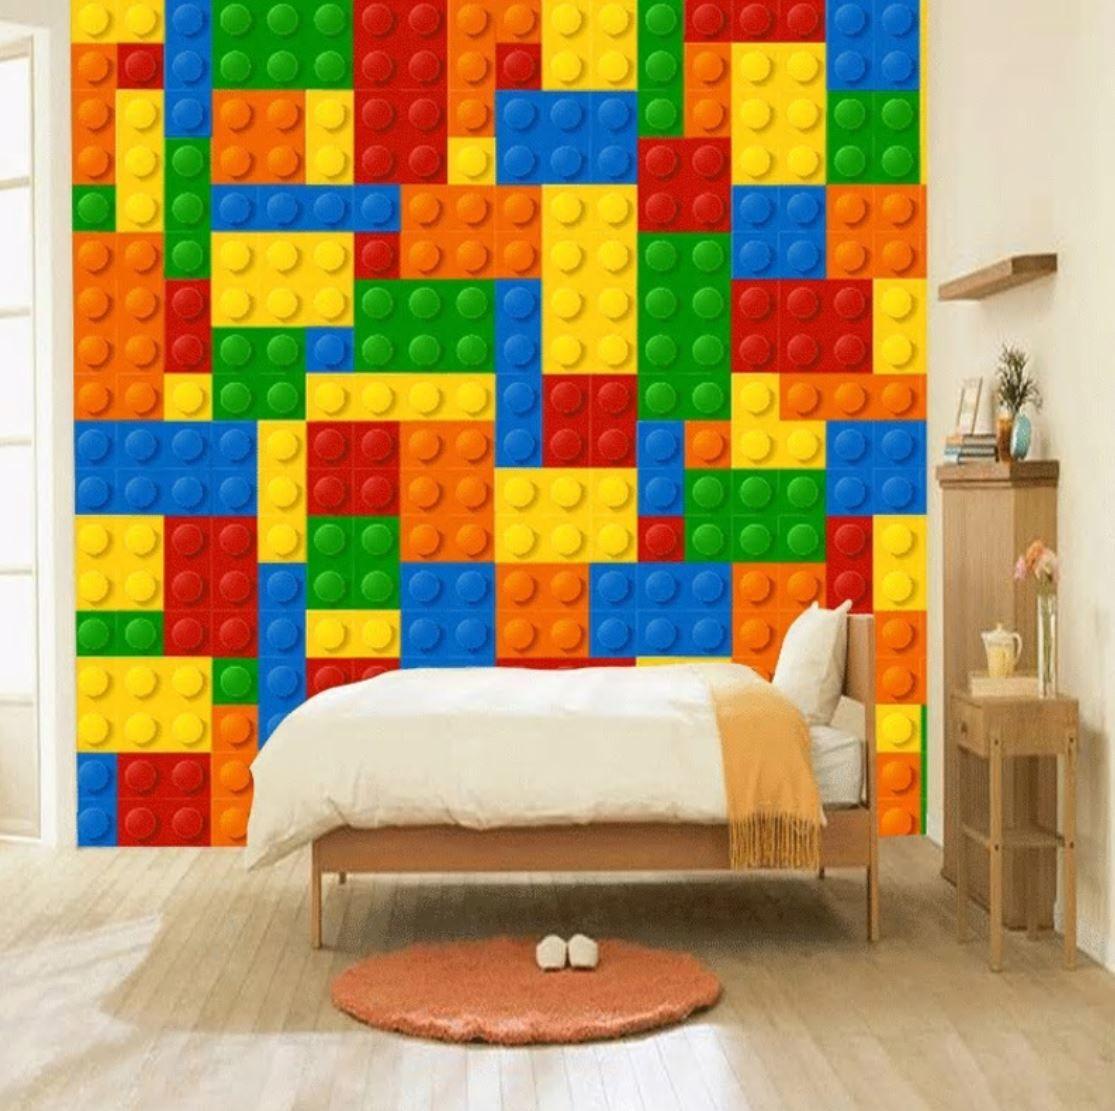 3d 壁紙 1ピース 1 子供部屋 カラフル レゴ おもちゃ インテリア